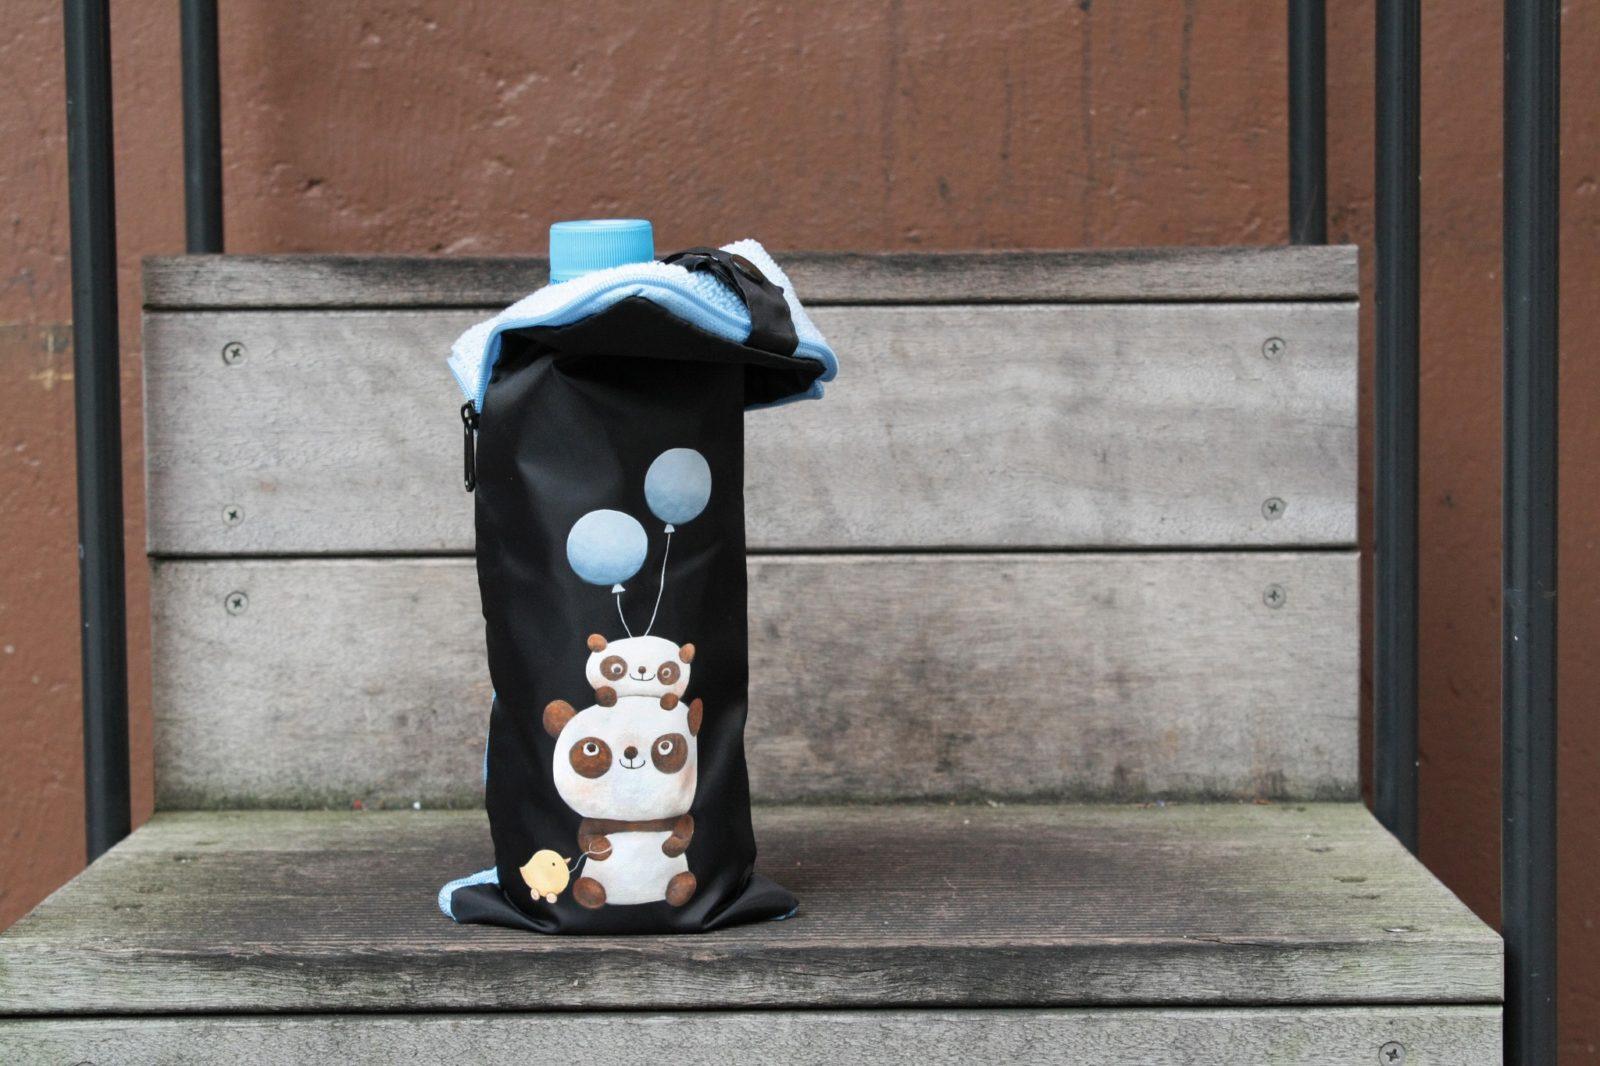 埜口智佳子さんデザインのボトルカバーキット